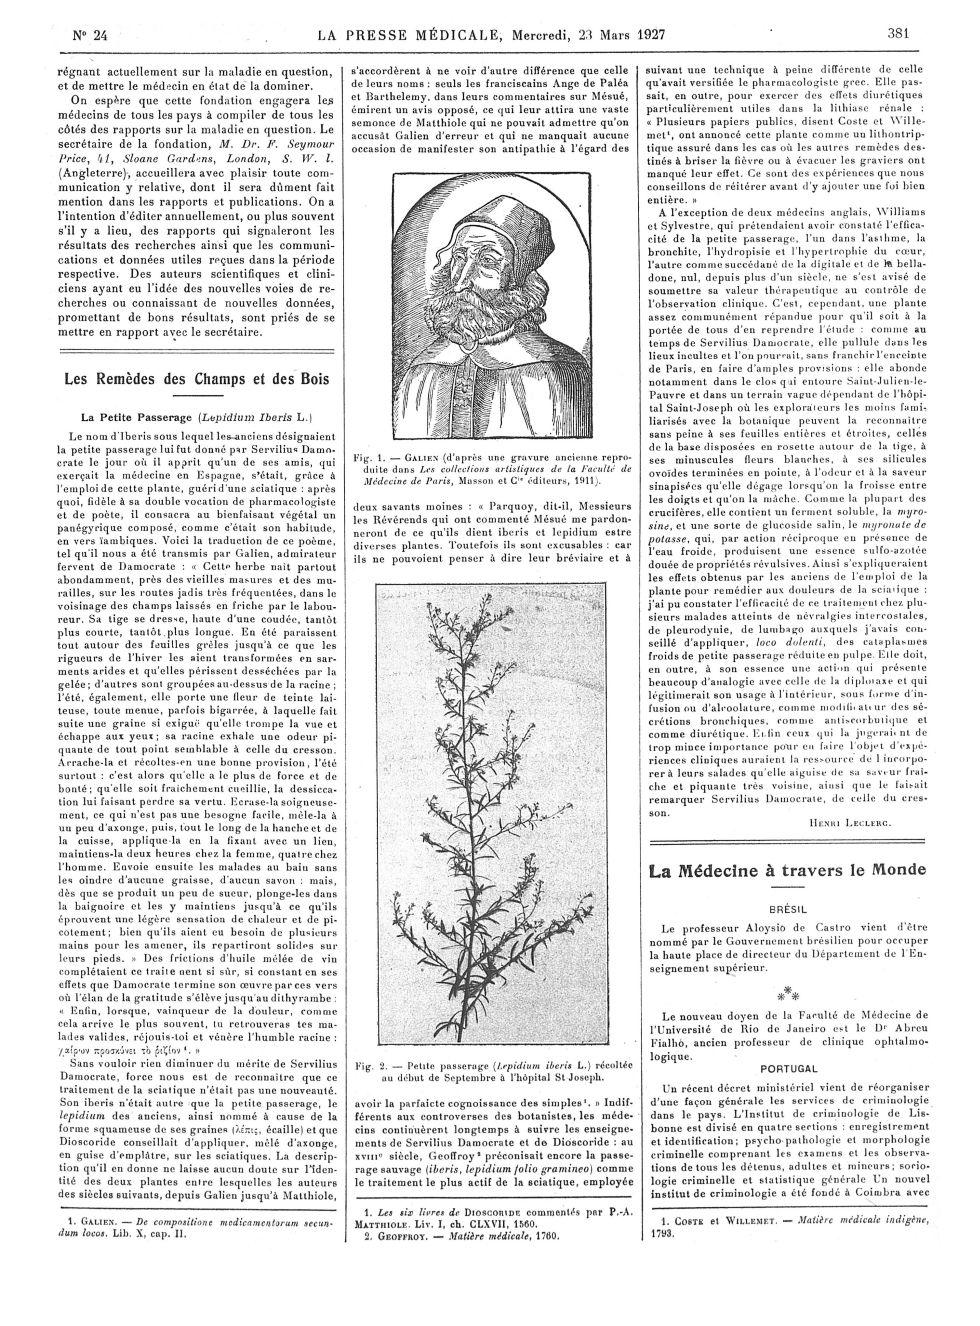 Fig. 1. Galien (d'après une gravure ancienne reproduite dans Les collestions artistiques de la Facul [...] -  - med100000x1927xartorigx0385